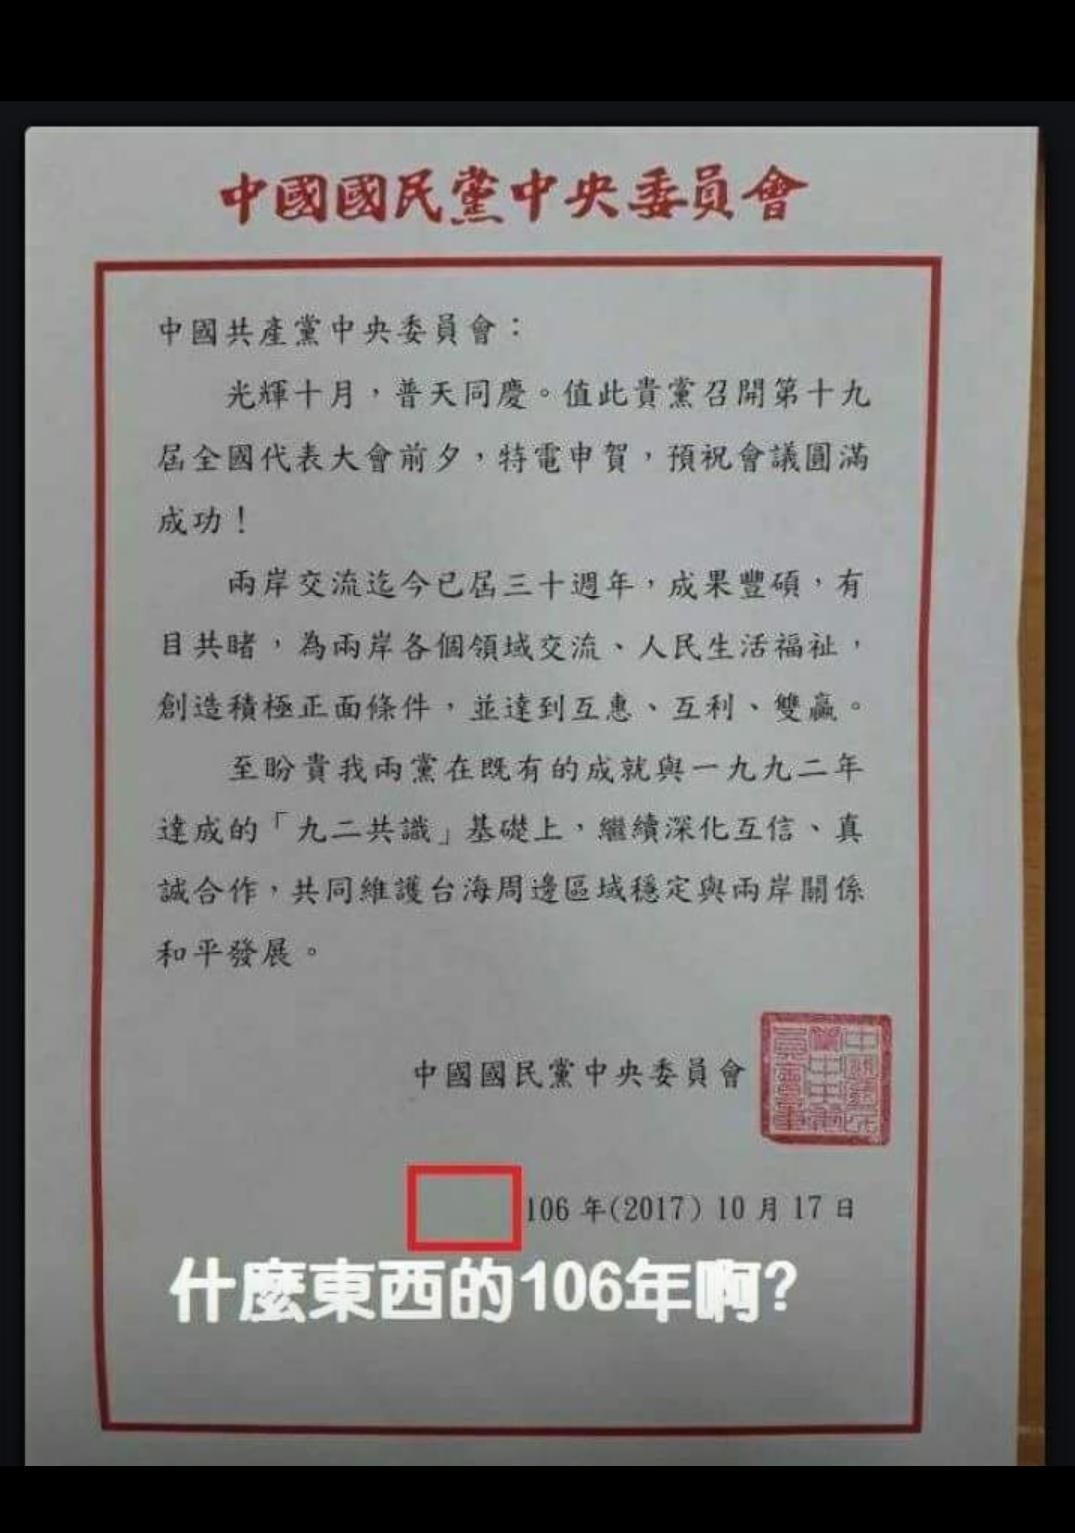 國民黨發給中共的19大賀電,紀元只稱106年,沒有民國,被網友酸爆。圖/取自臉書